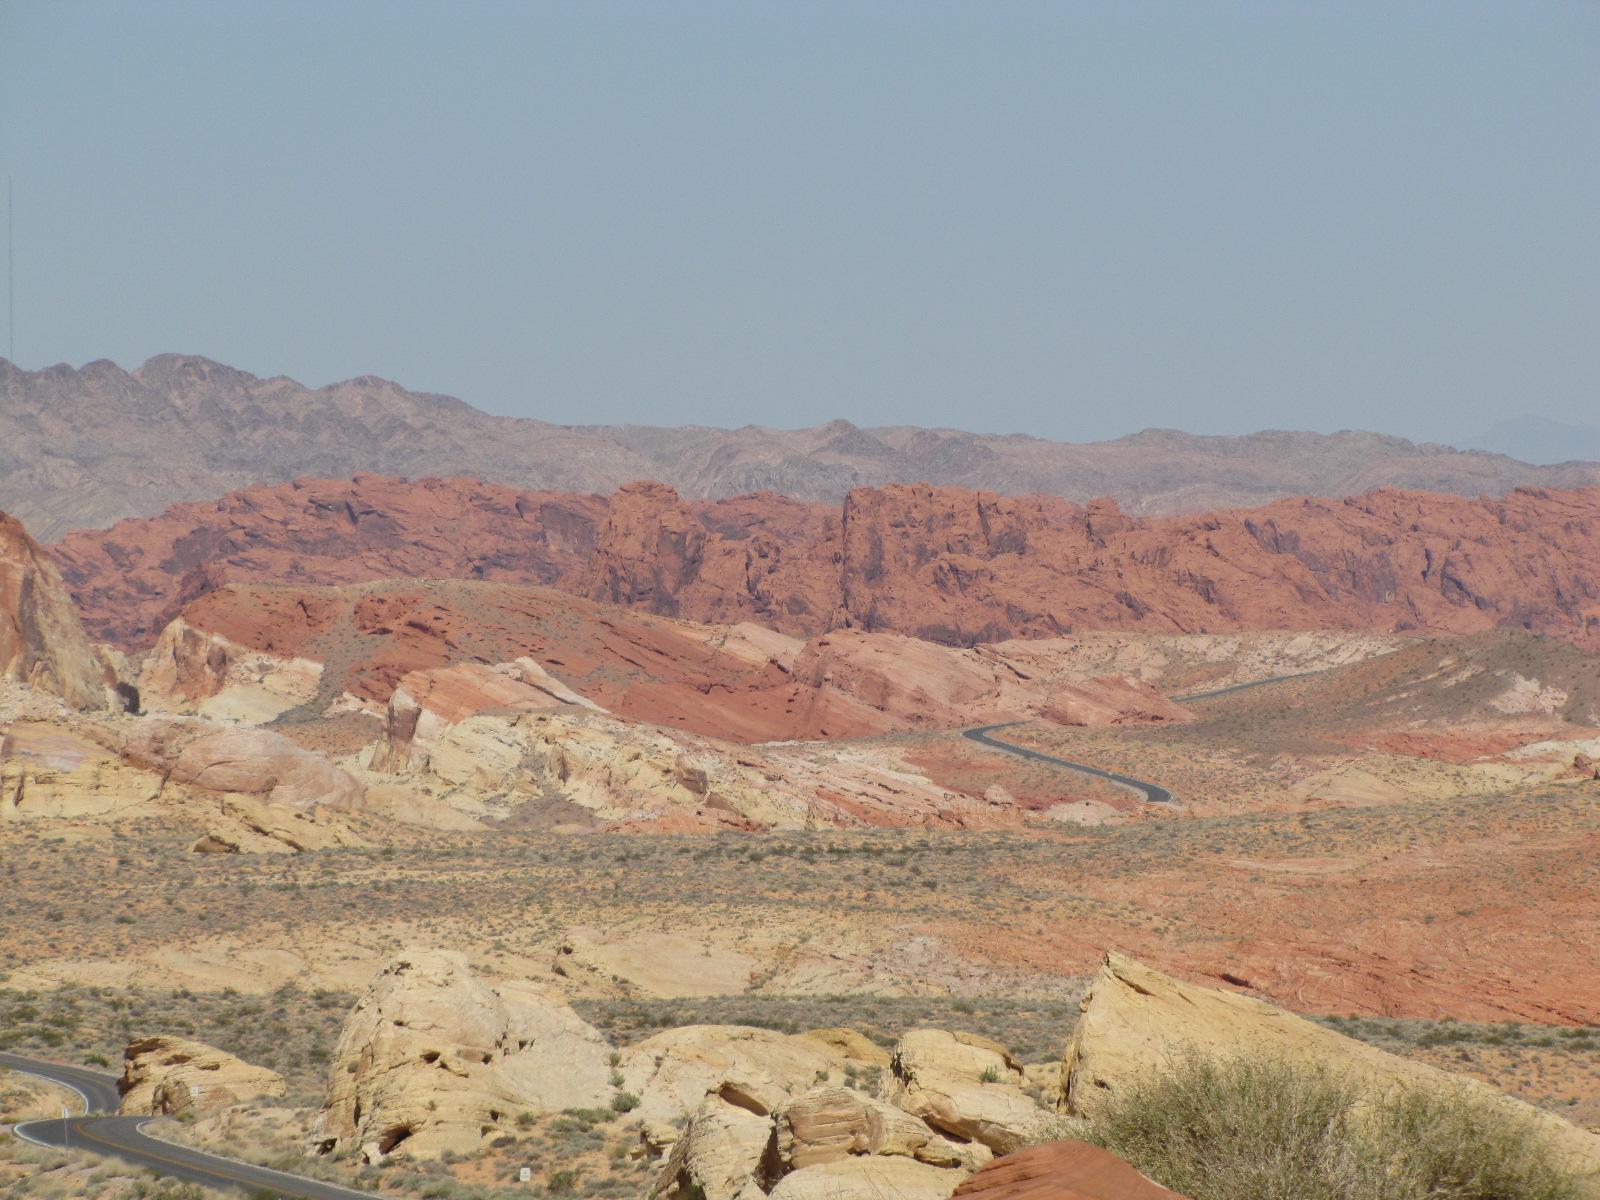 Différente couche de sable vallée du feu